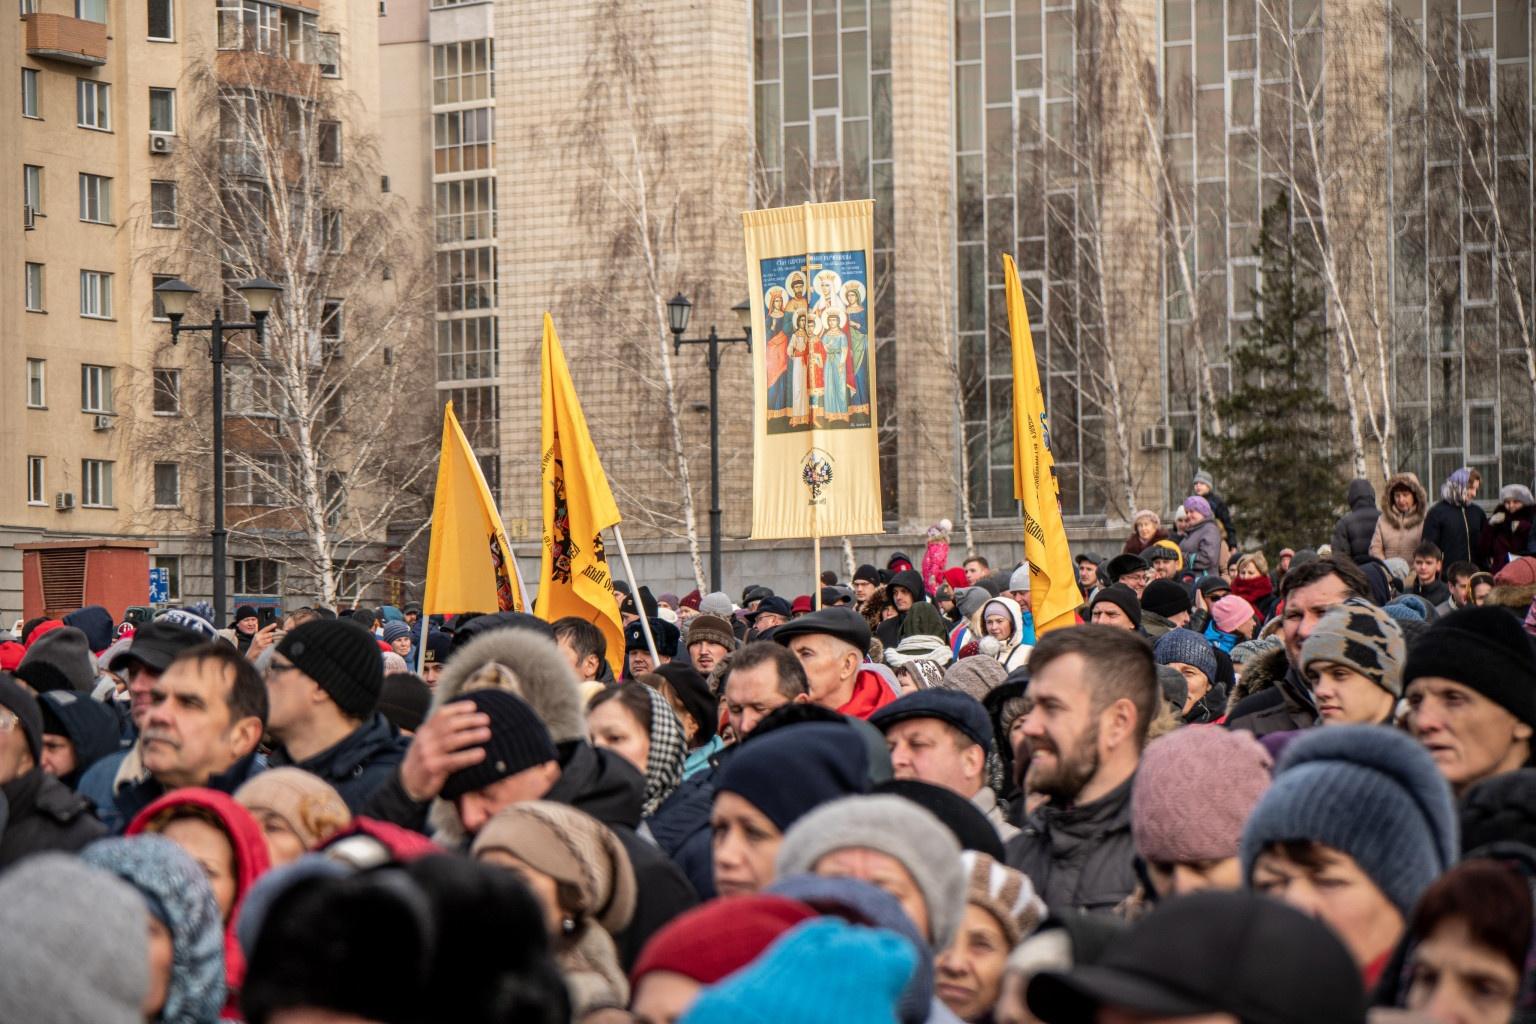 Праздничная программа началась с радиоконцерта — исторической зарисовки на тему освобождения Москвы в 1612 году народным ополчением под предводительством Кузьмы Минина и Дмитрия Пожарского